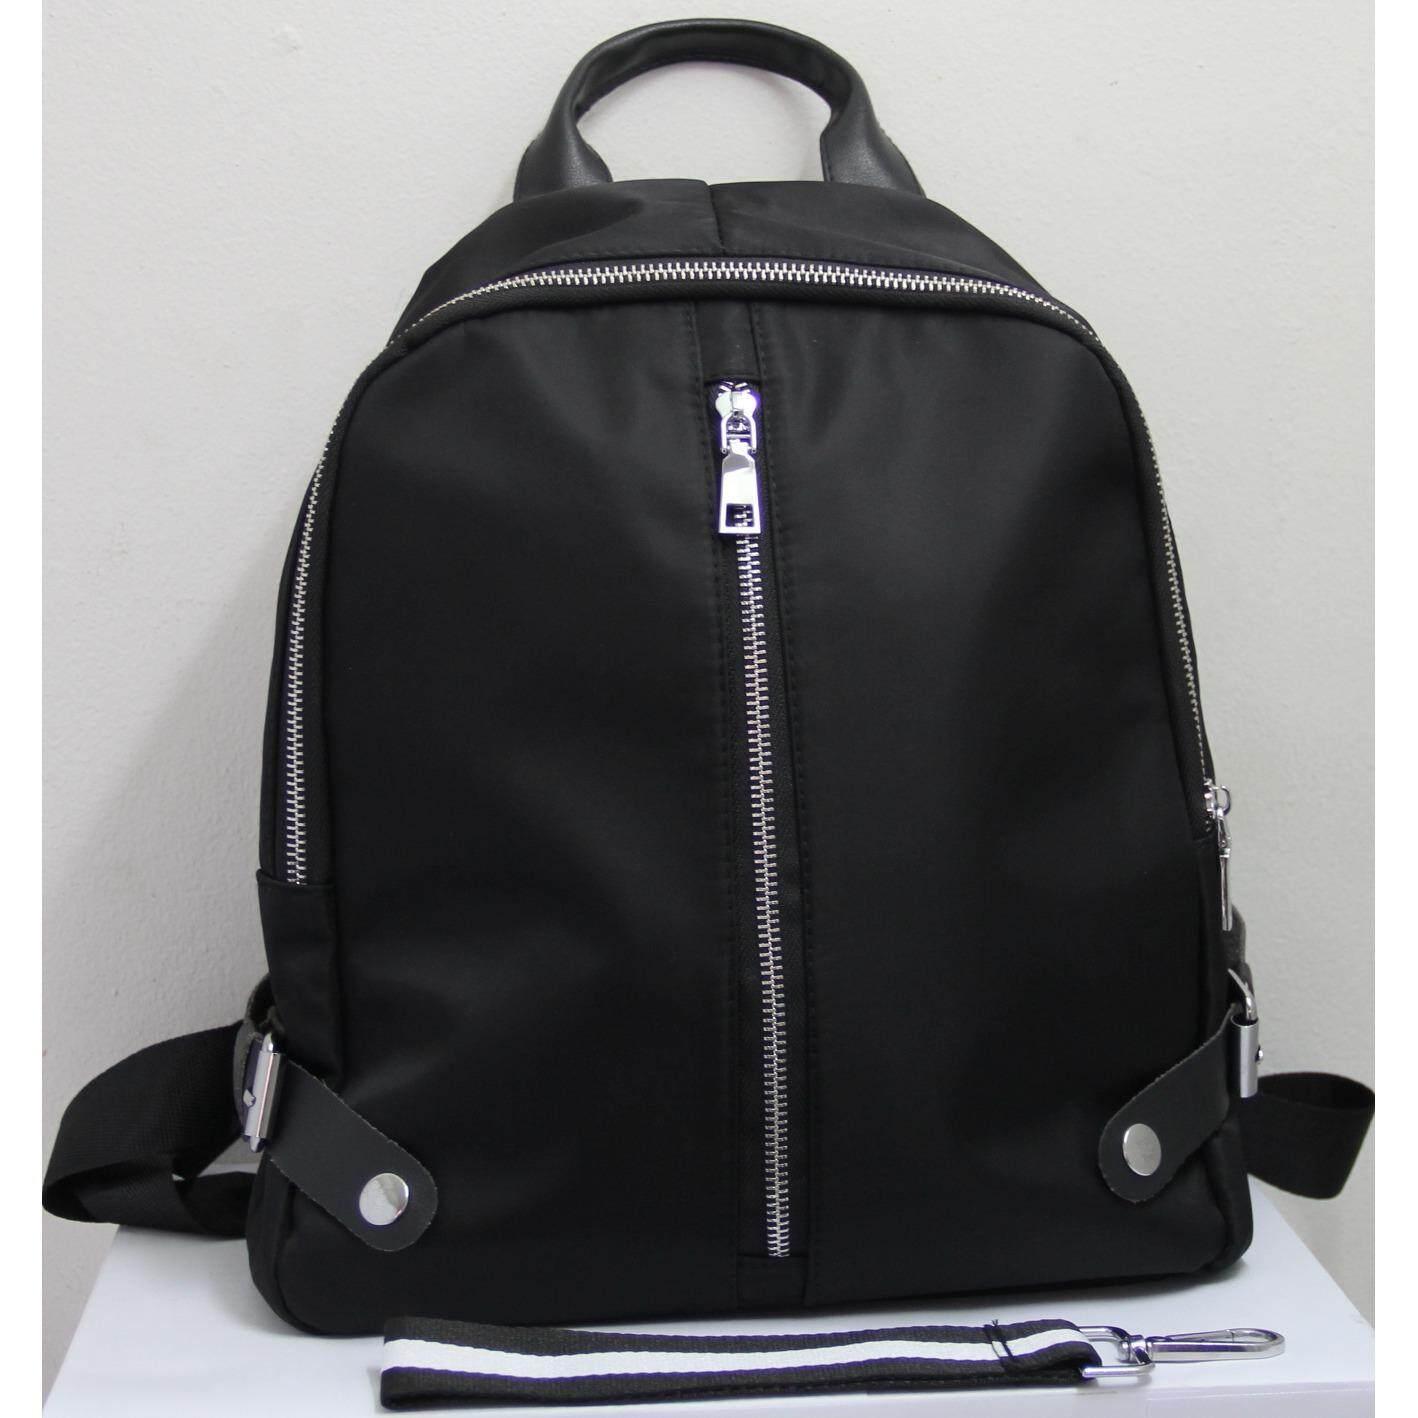 ขาย กระเป๋าเป้สะพายหลัง Khaewara รุ่น Kpb010 ถูก ใน กรุงเทพมหานคร